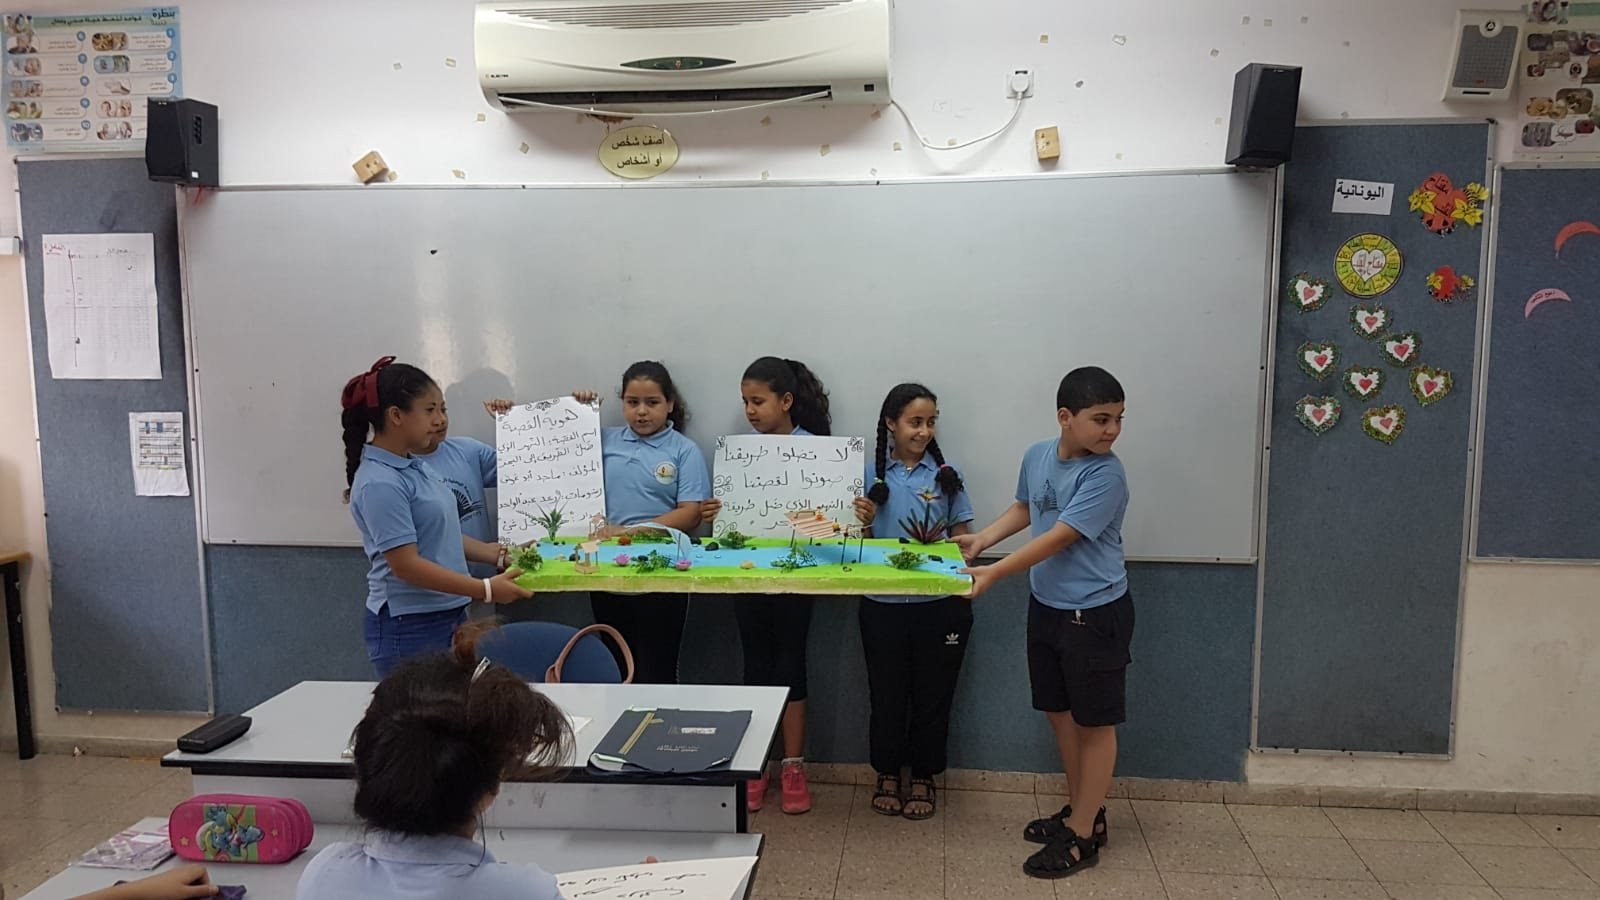 اختتام مسيرة الكتاب في مدرسة البصلية شفاعمرو